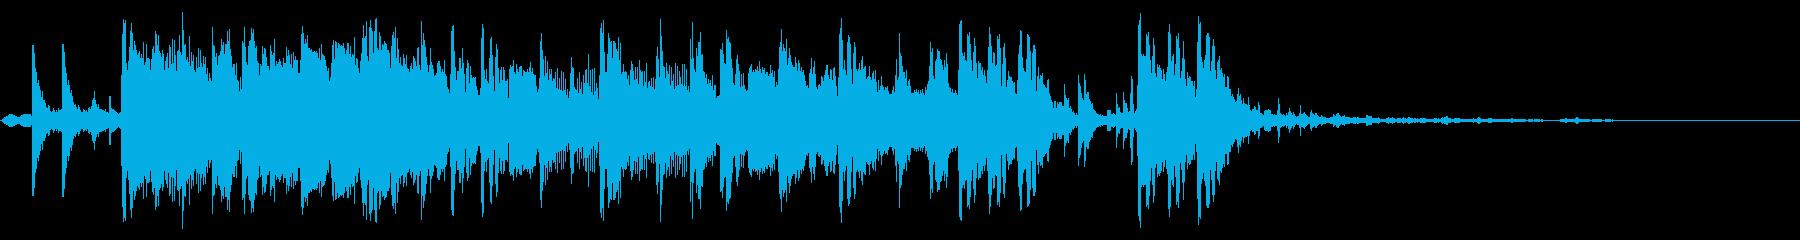 ボトムアップの再生済みの波形